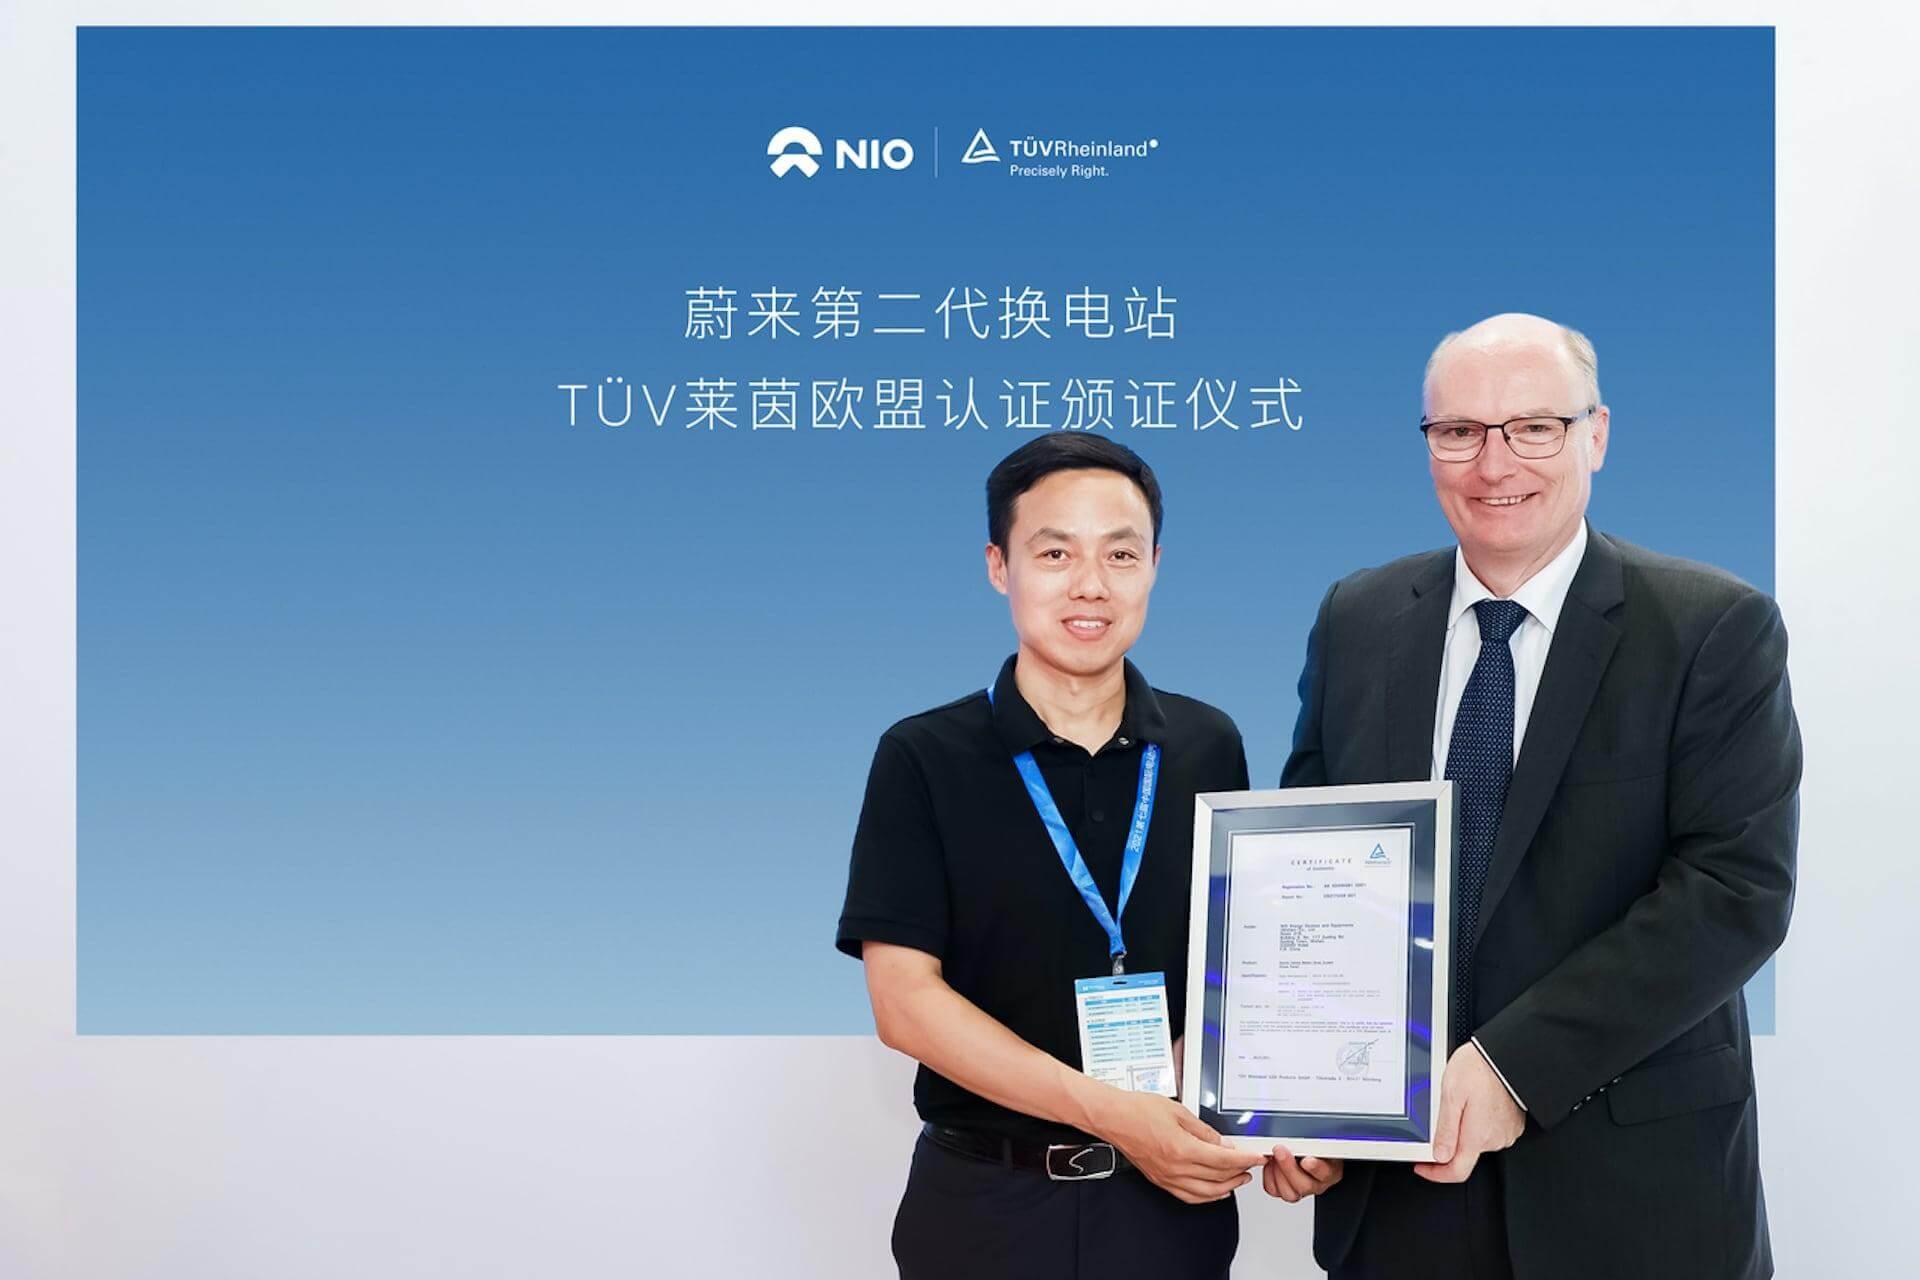 NIO получила сертификаты TÜVна продажу иэксплуатацию своих станций замены аккумуляторов изарядных устройств вовсех странах-членах ЕС